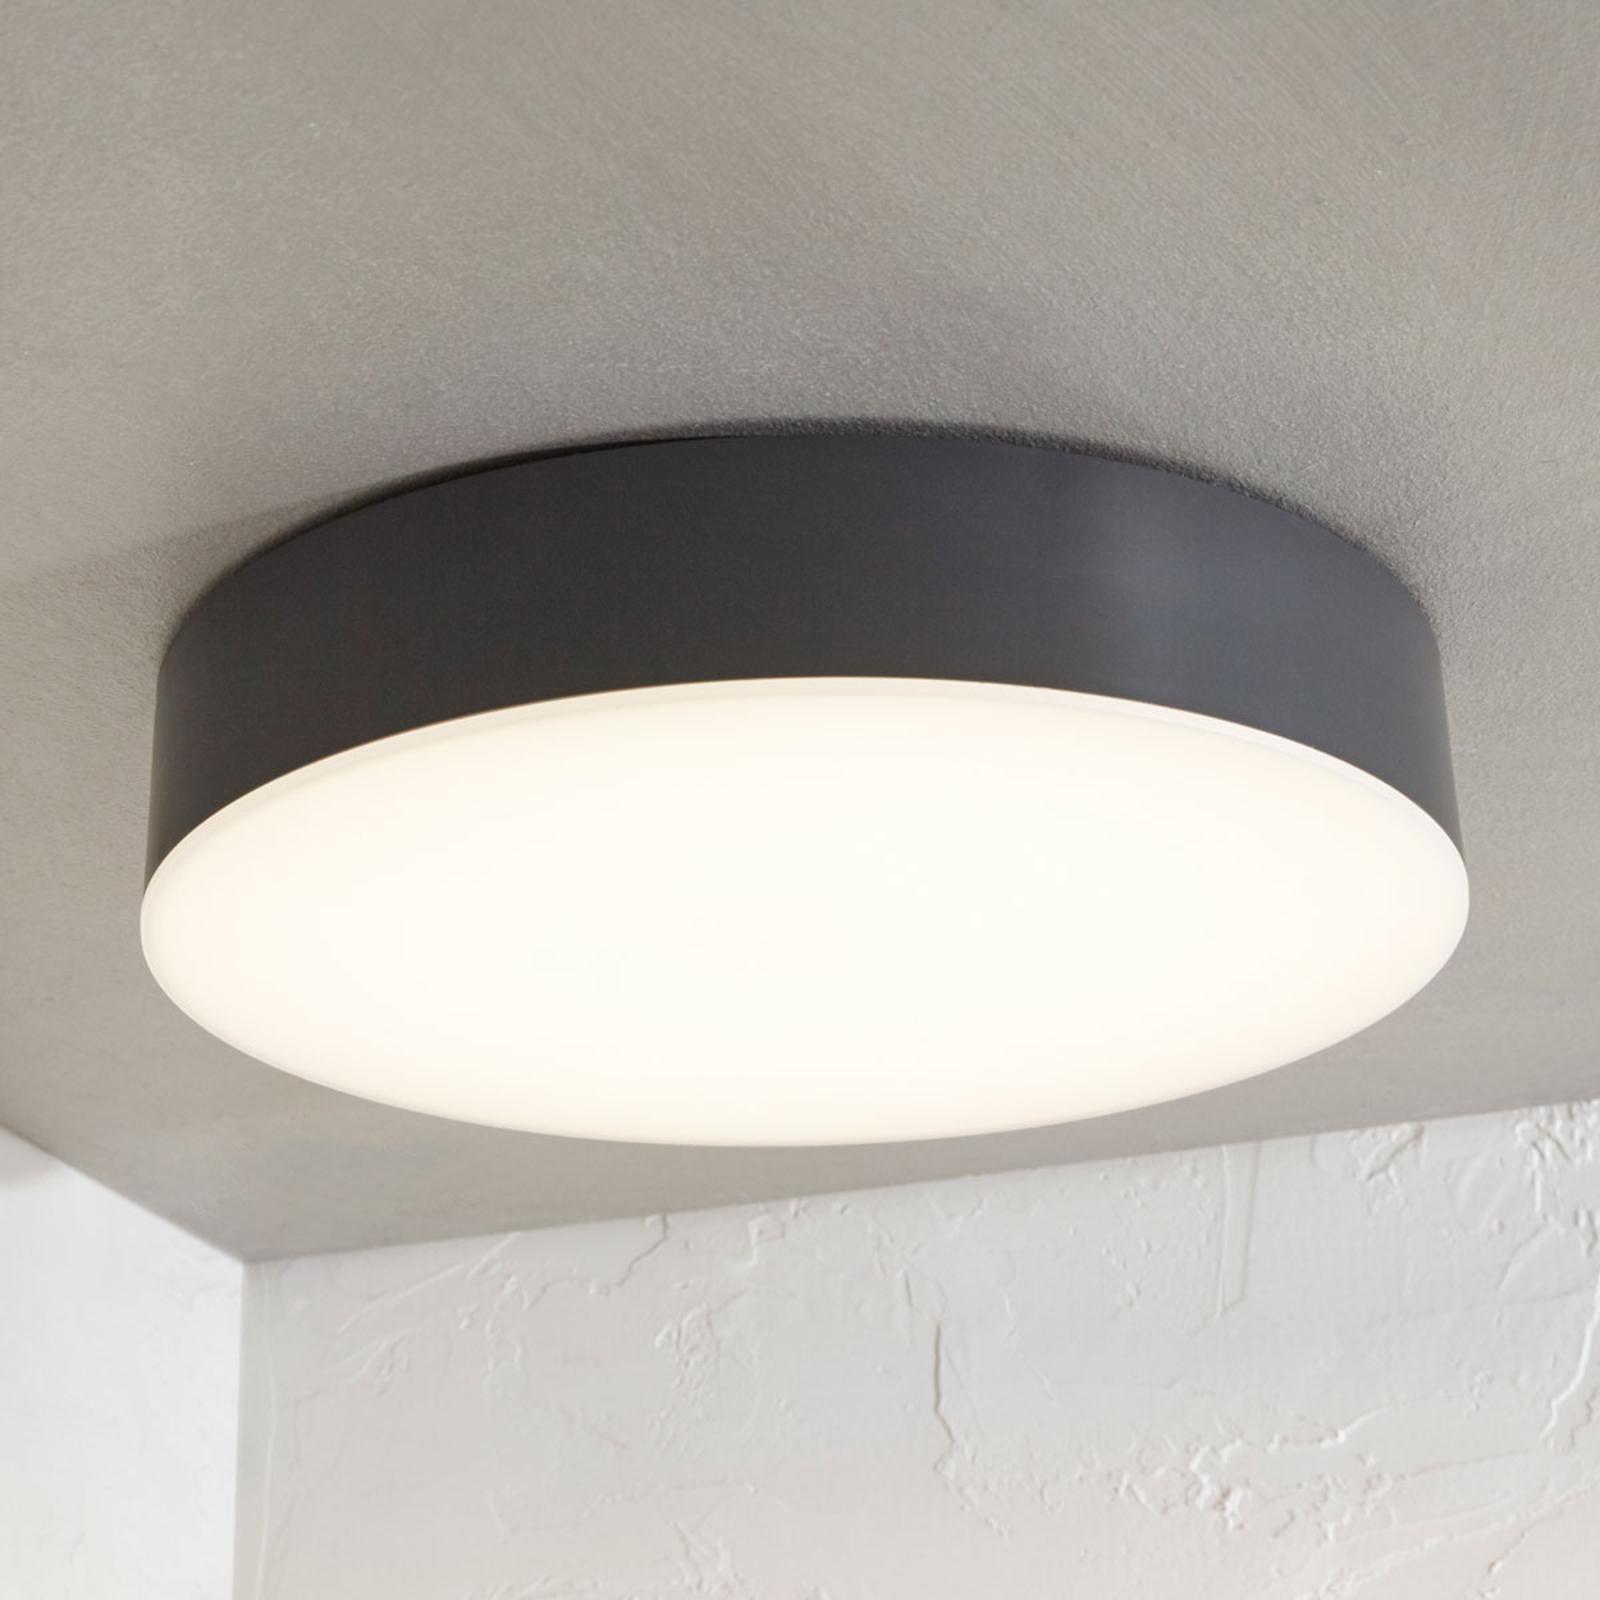 LED-Außendeckenlampe Lyam, IP65, dunkelgrau